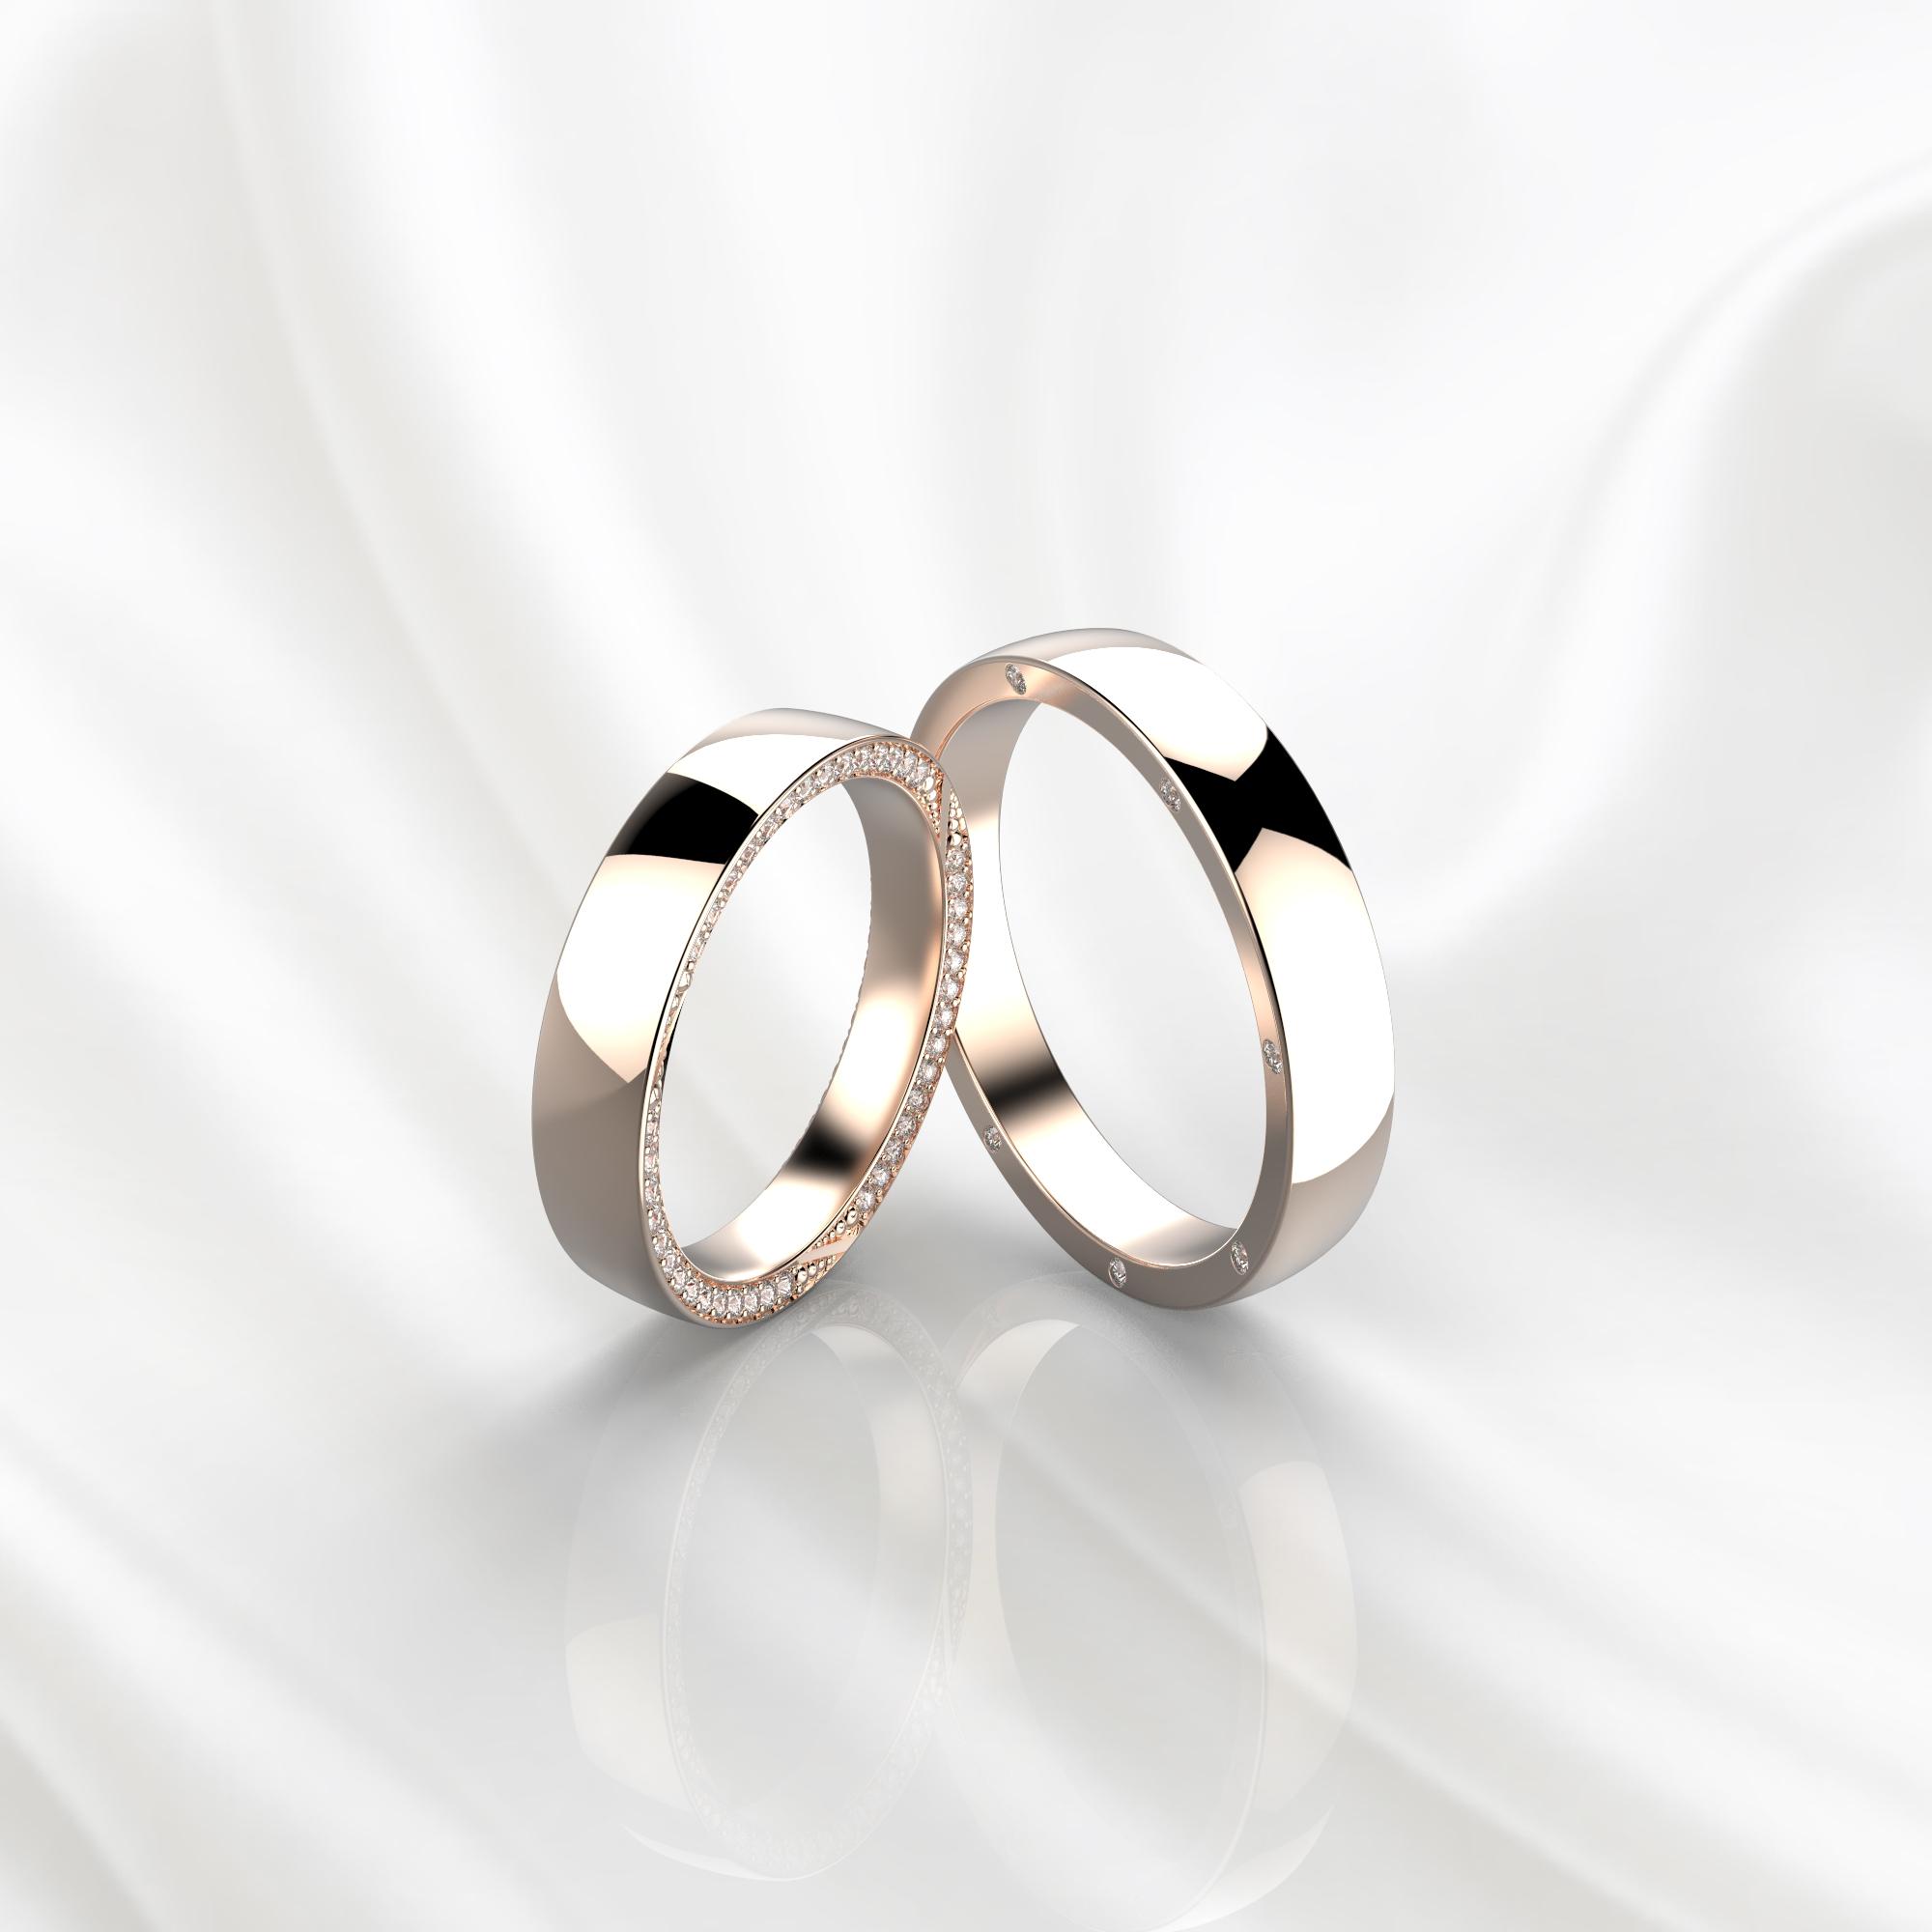 NV72 Парные обручальные кольца из розового золота с бриллиантами